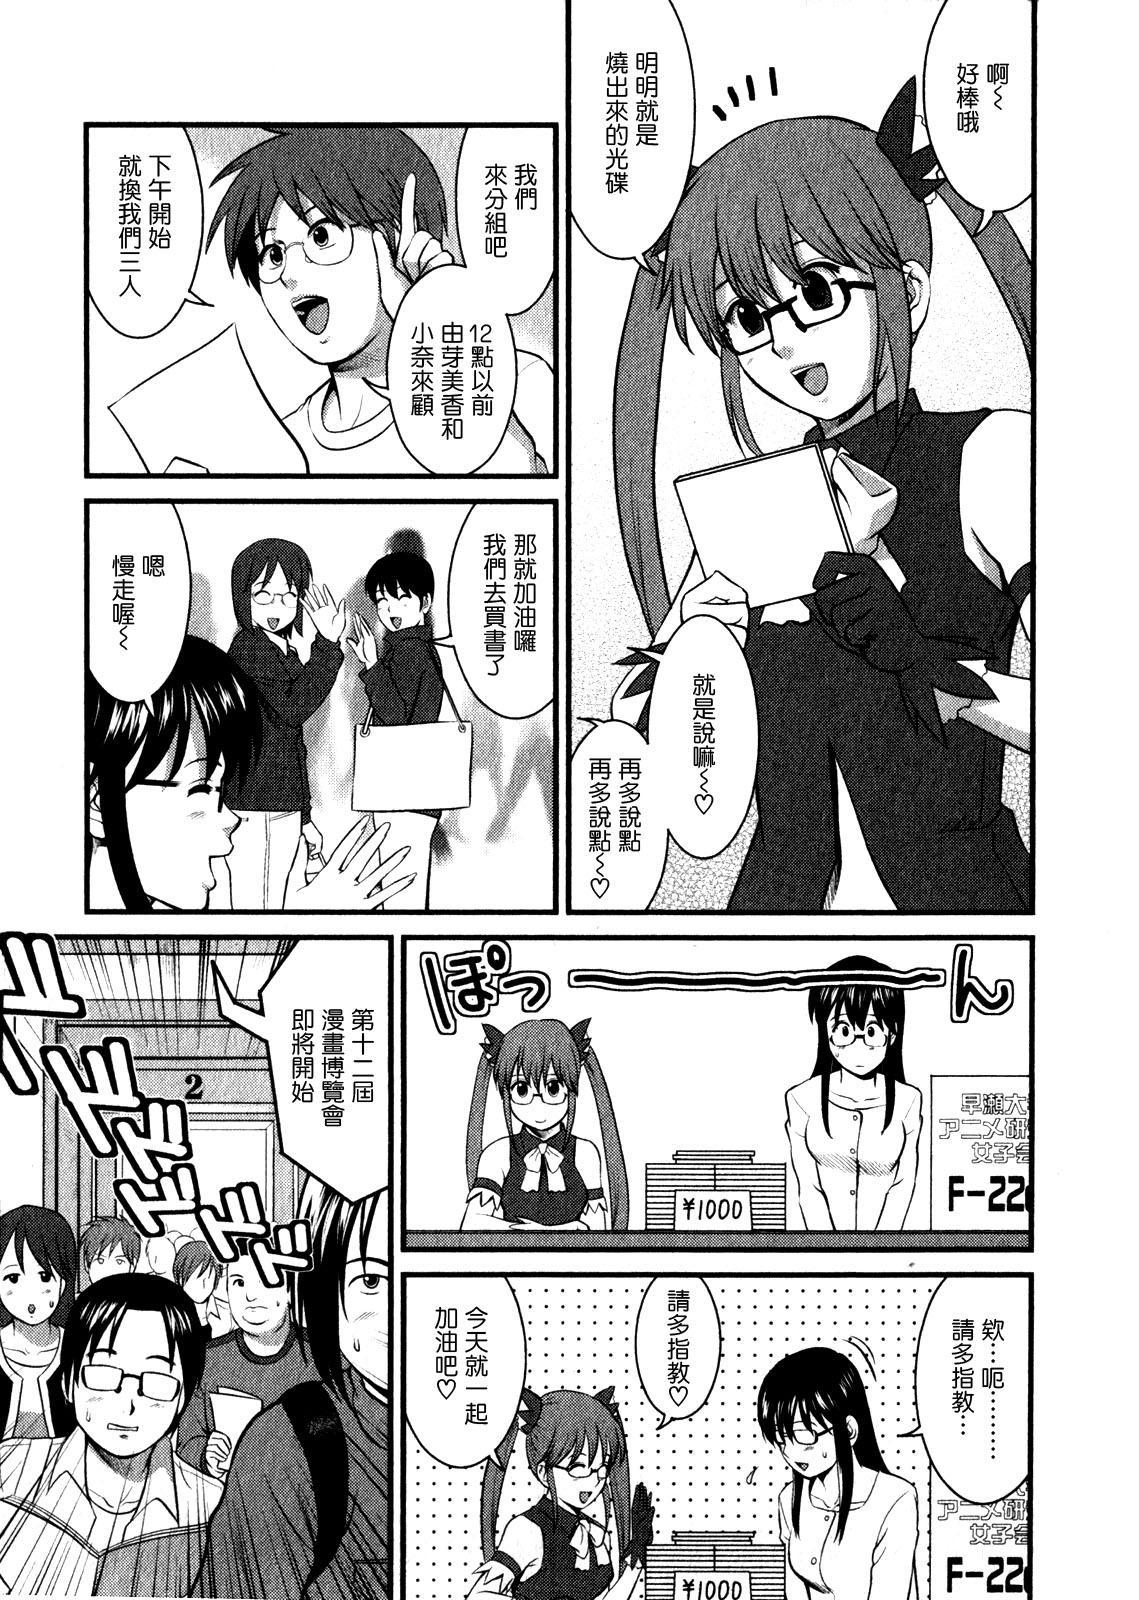 Otaku no Megami-san 1 114